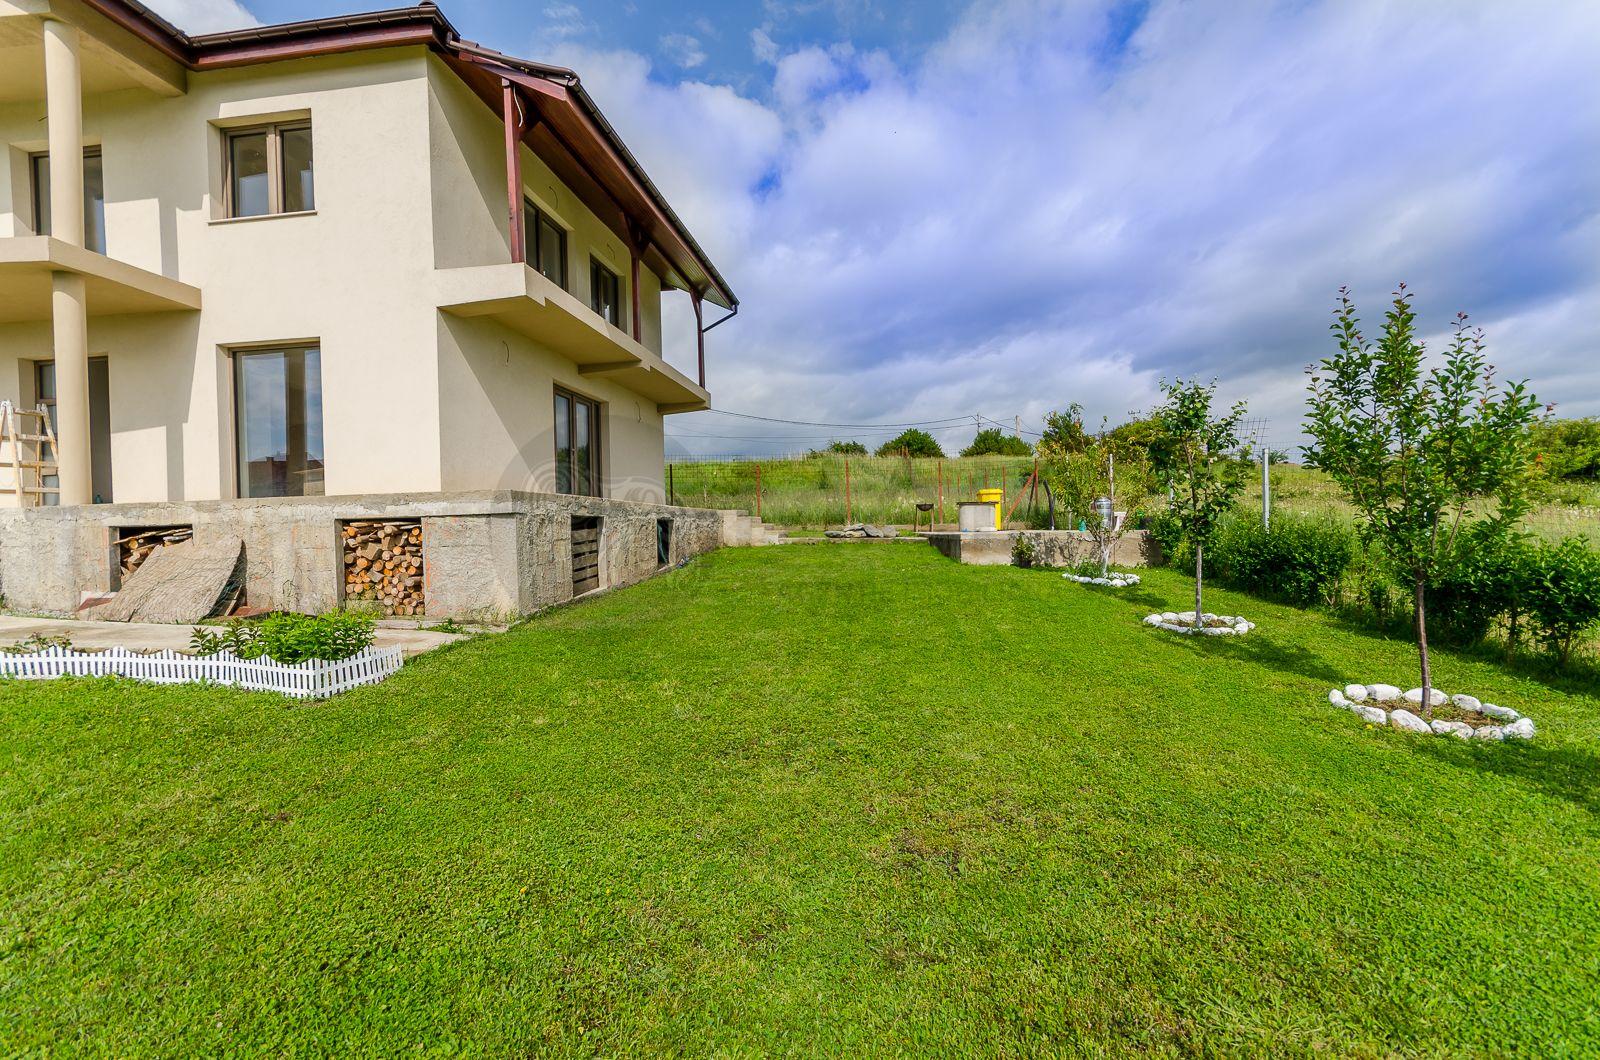 Casa constructie noua, 4 camere , 2 bai, teren 774 m, Daia Noua